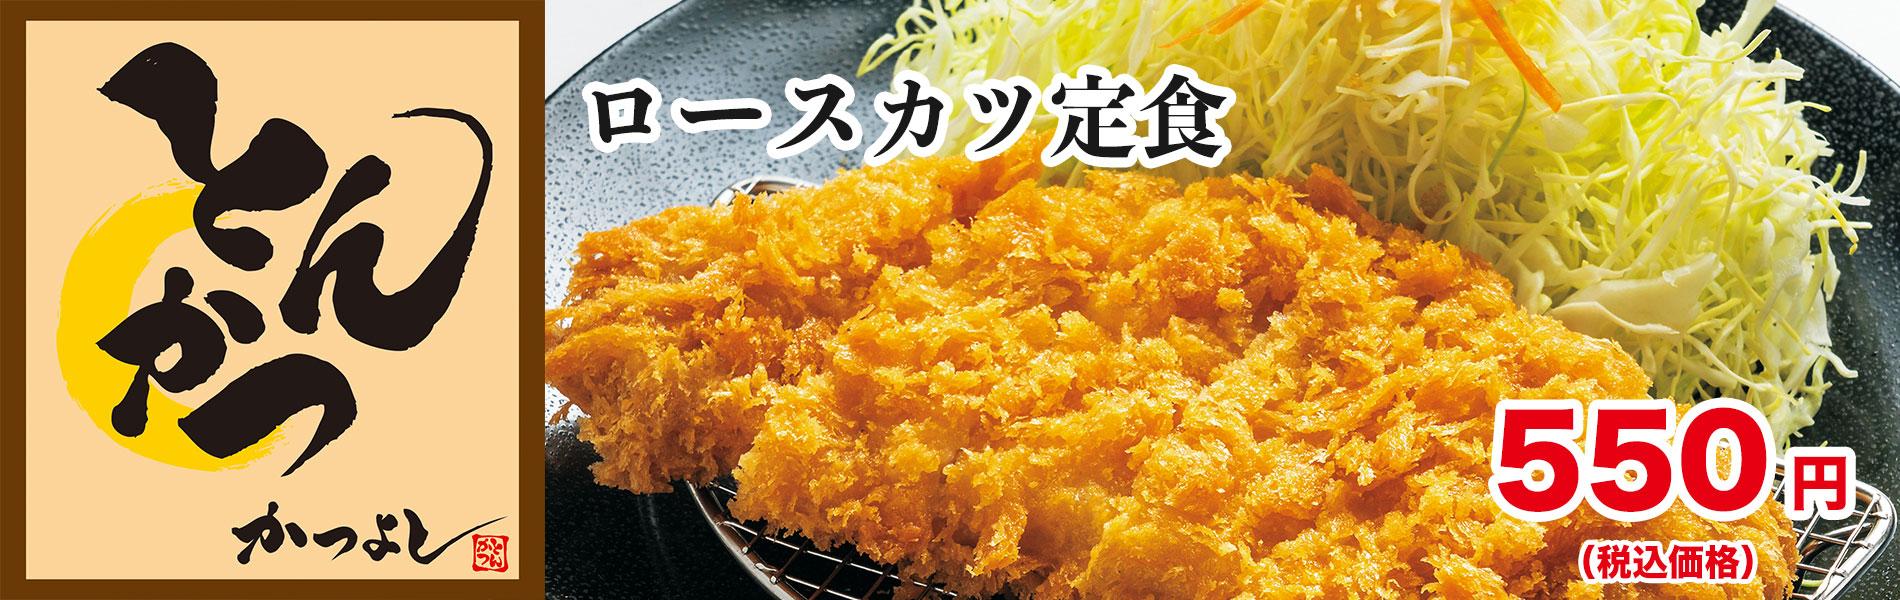 ロースカツ定食 550円(税込価格)